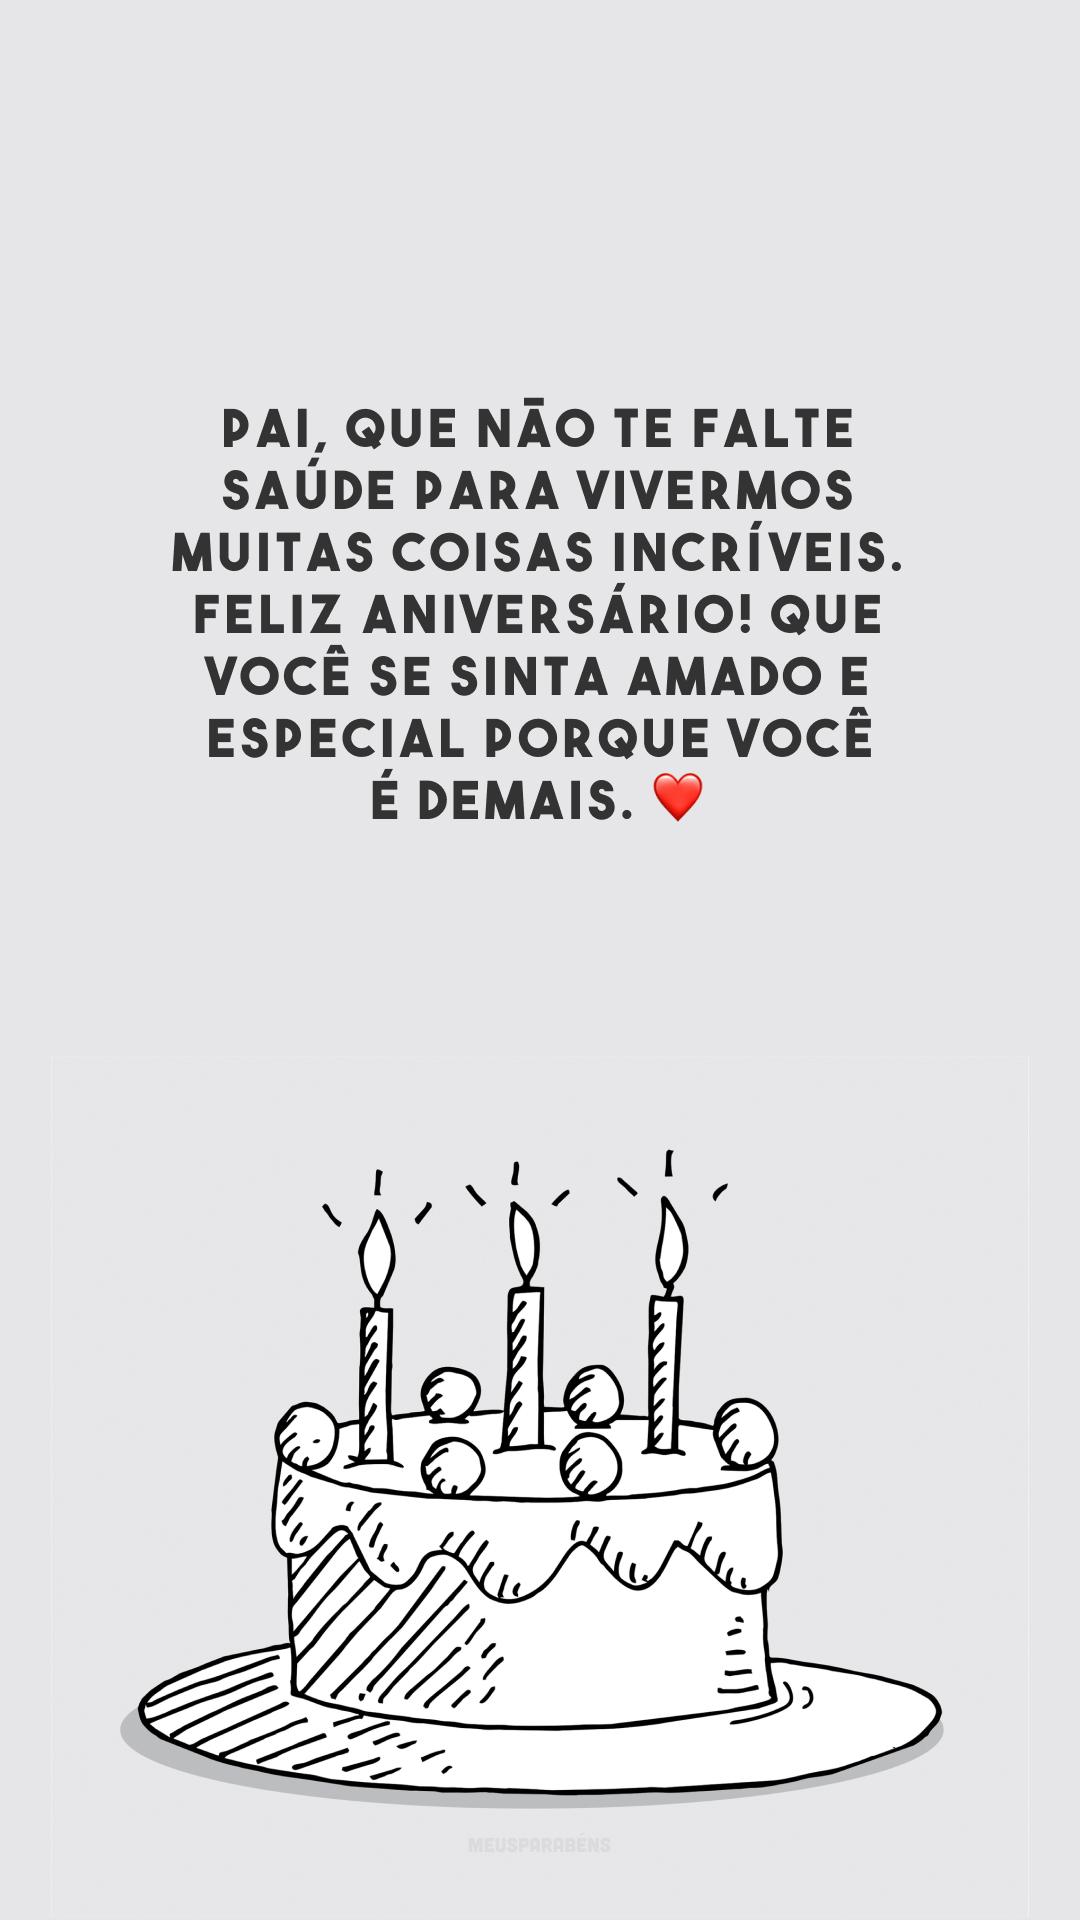 Pai, que não te falte saúde para vivermos muitas coisas incríveis. Feliz aniversário! Que você se sinta amado e especial porque você é demais. ❤️